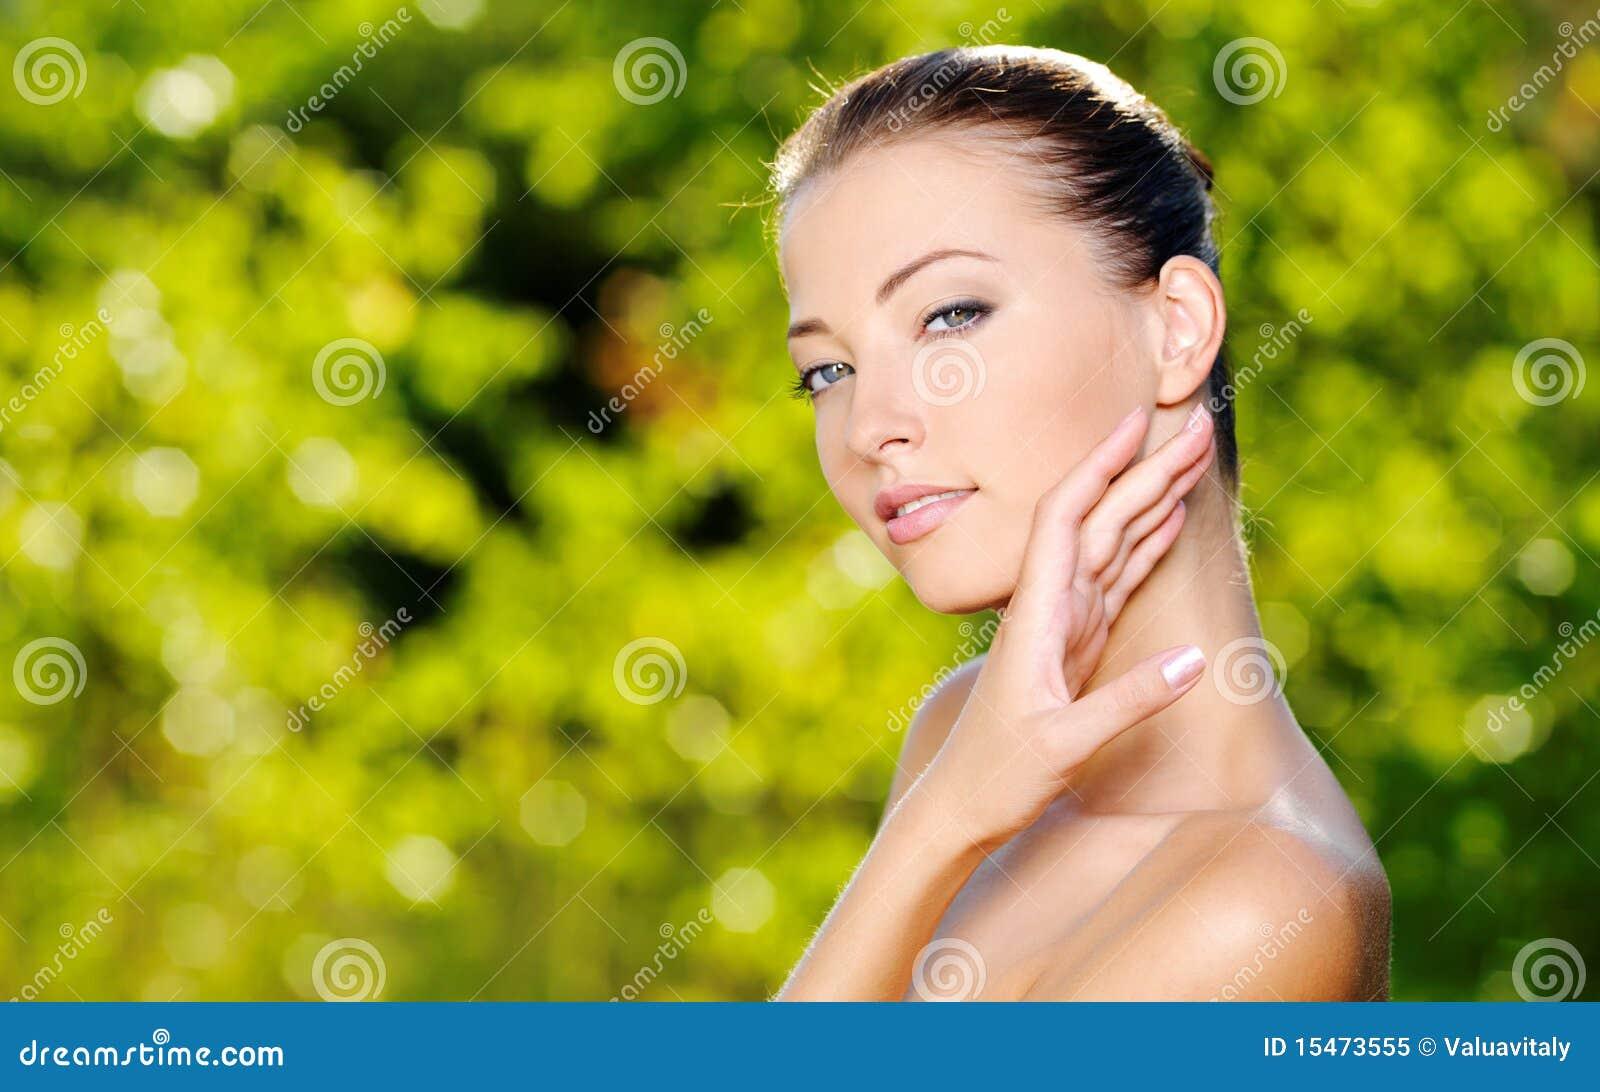 świeża czysty twarz jej skóry uderzania kobieta